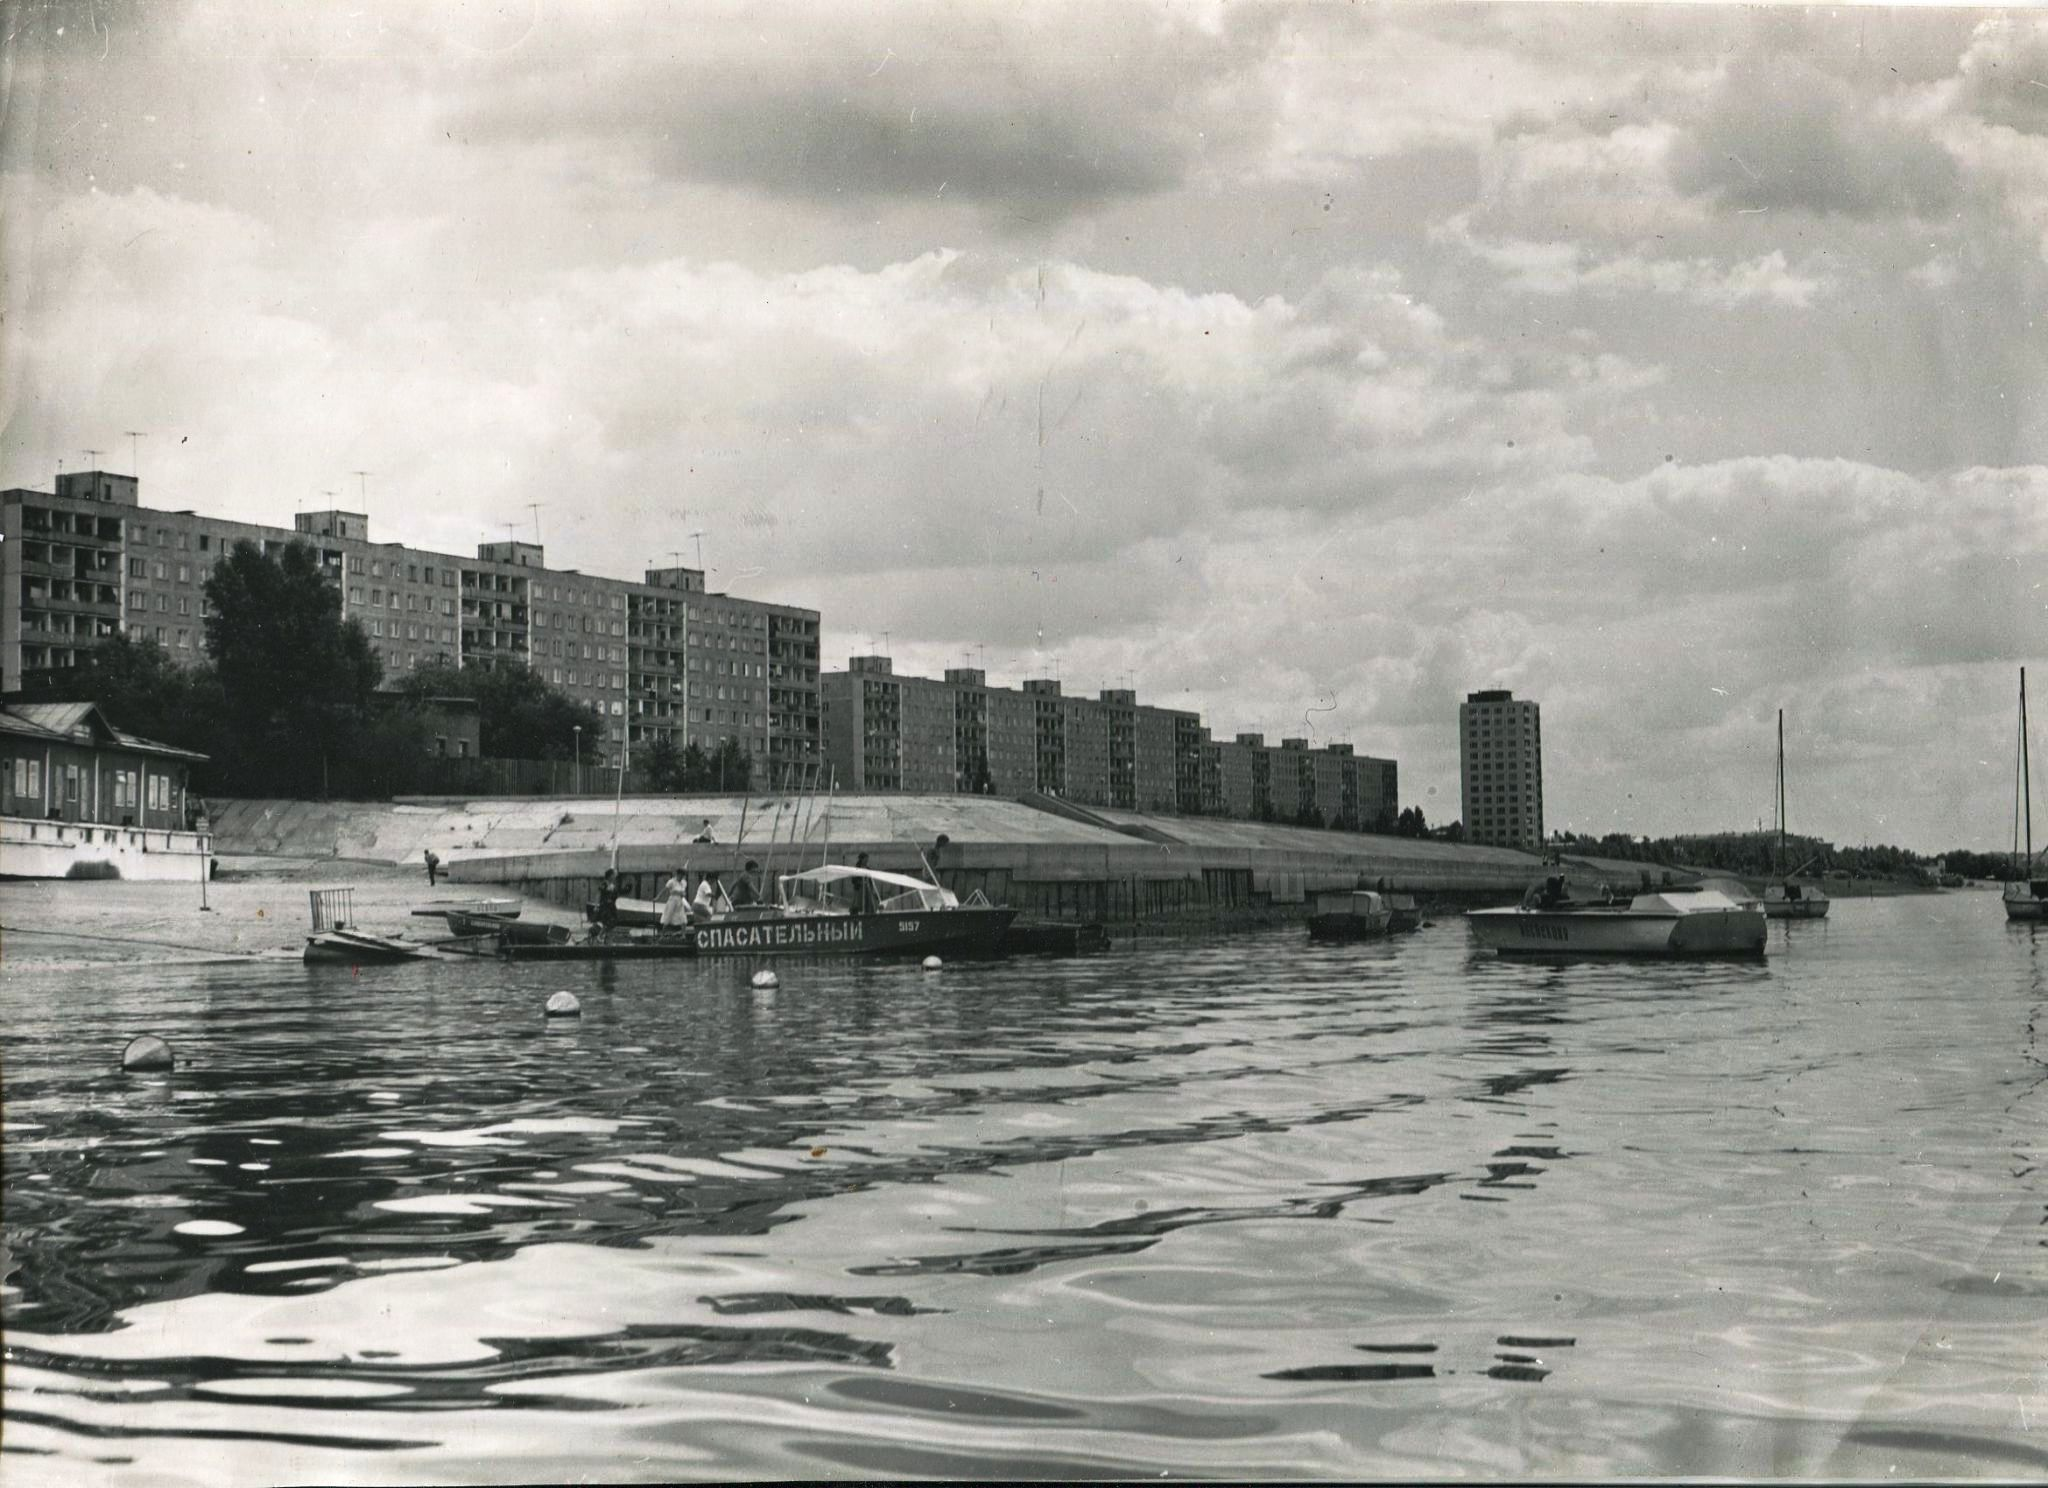 Омск,набережная Иртыша, спасательная станция, район Сибзавода. 1984 г.